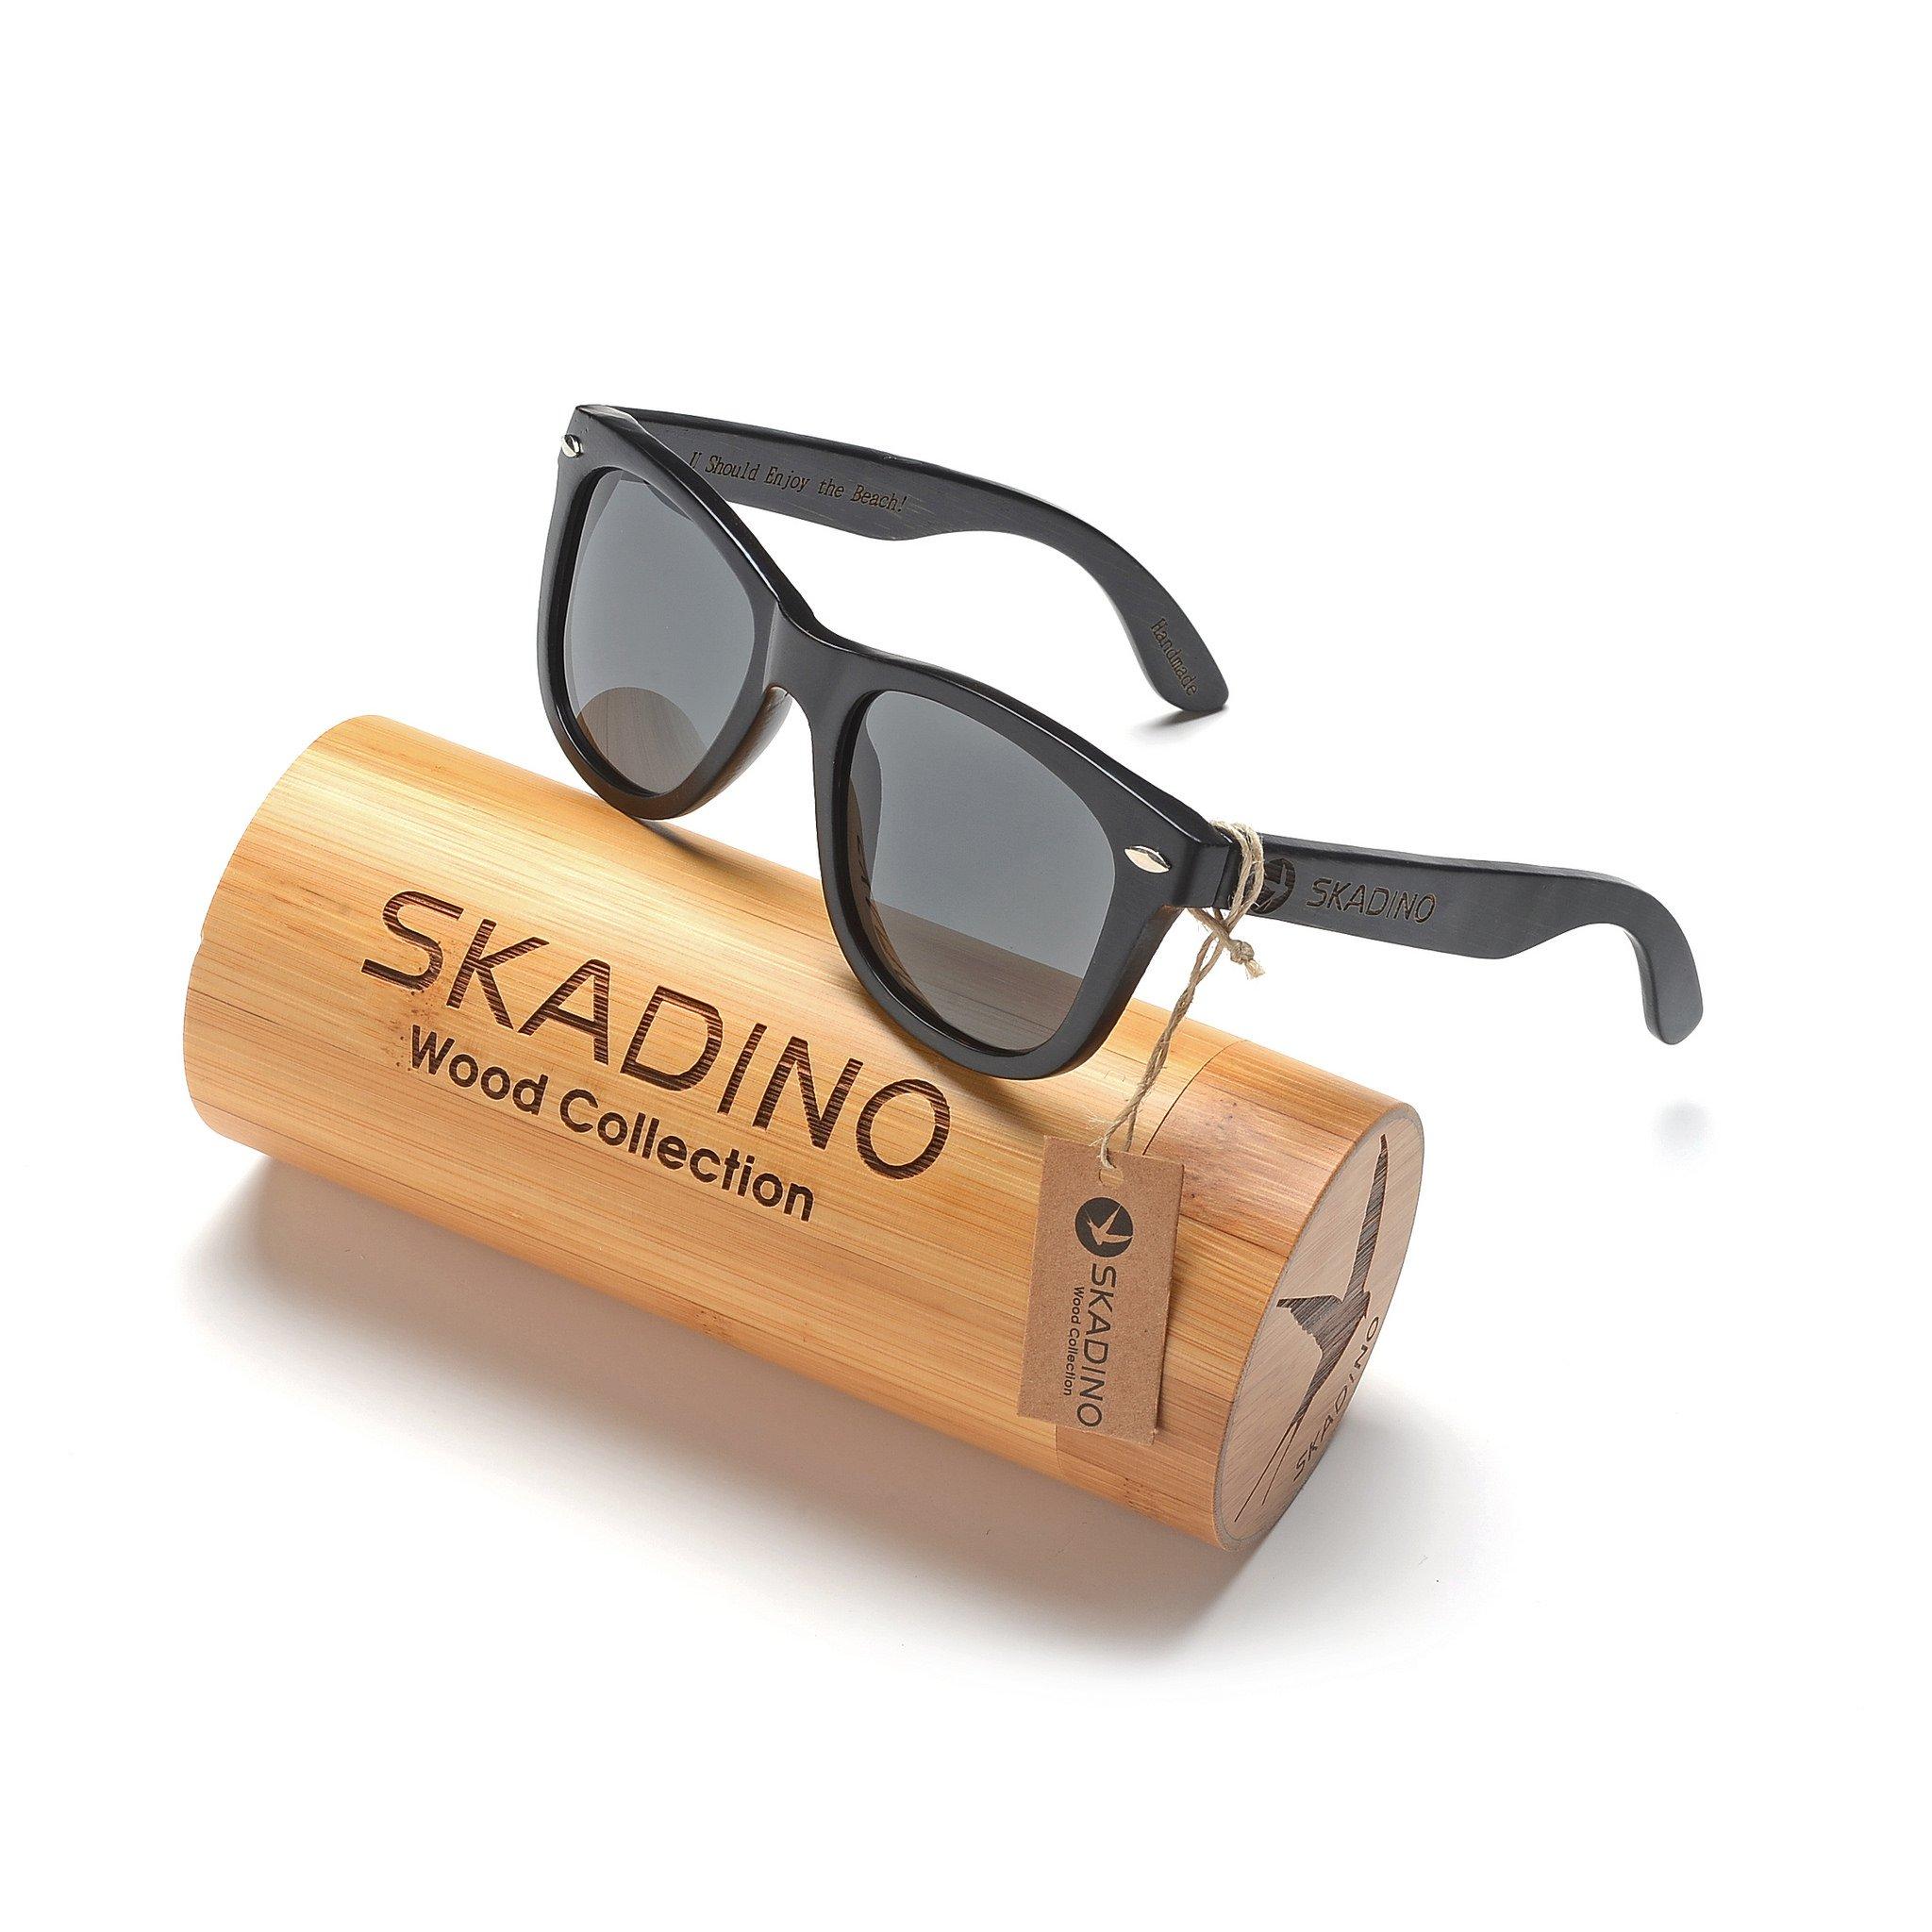 SKADINO Wayfarer Bamboo Sunglasses with Polarized lenses-Handmade Floating Wood Shades for Men&Women-Polished Black